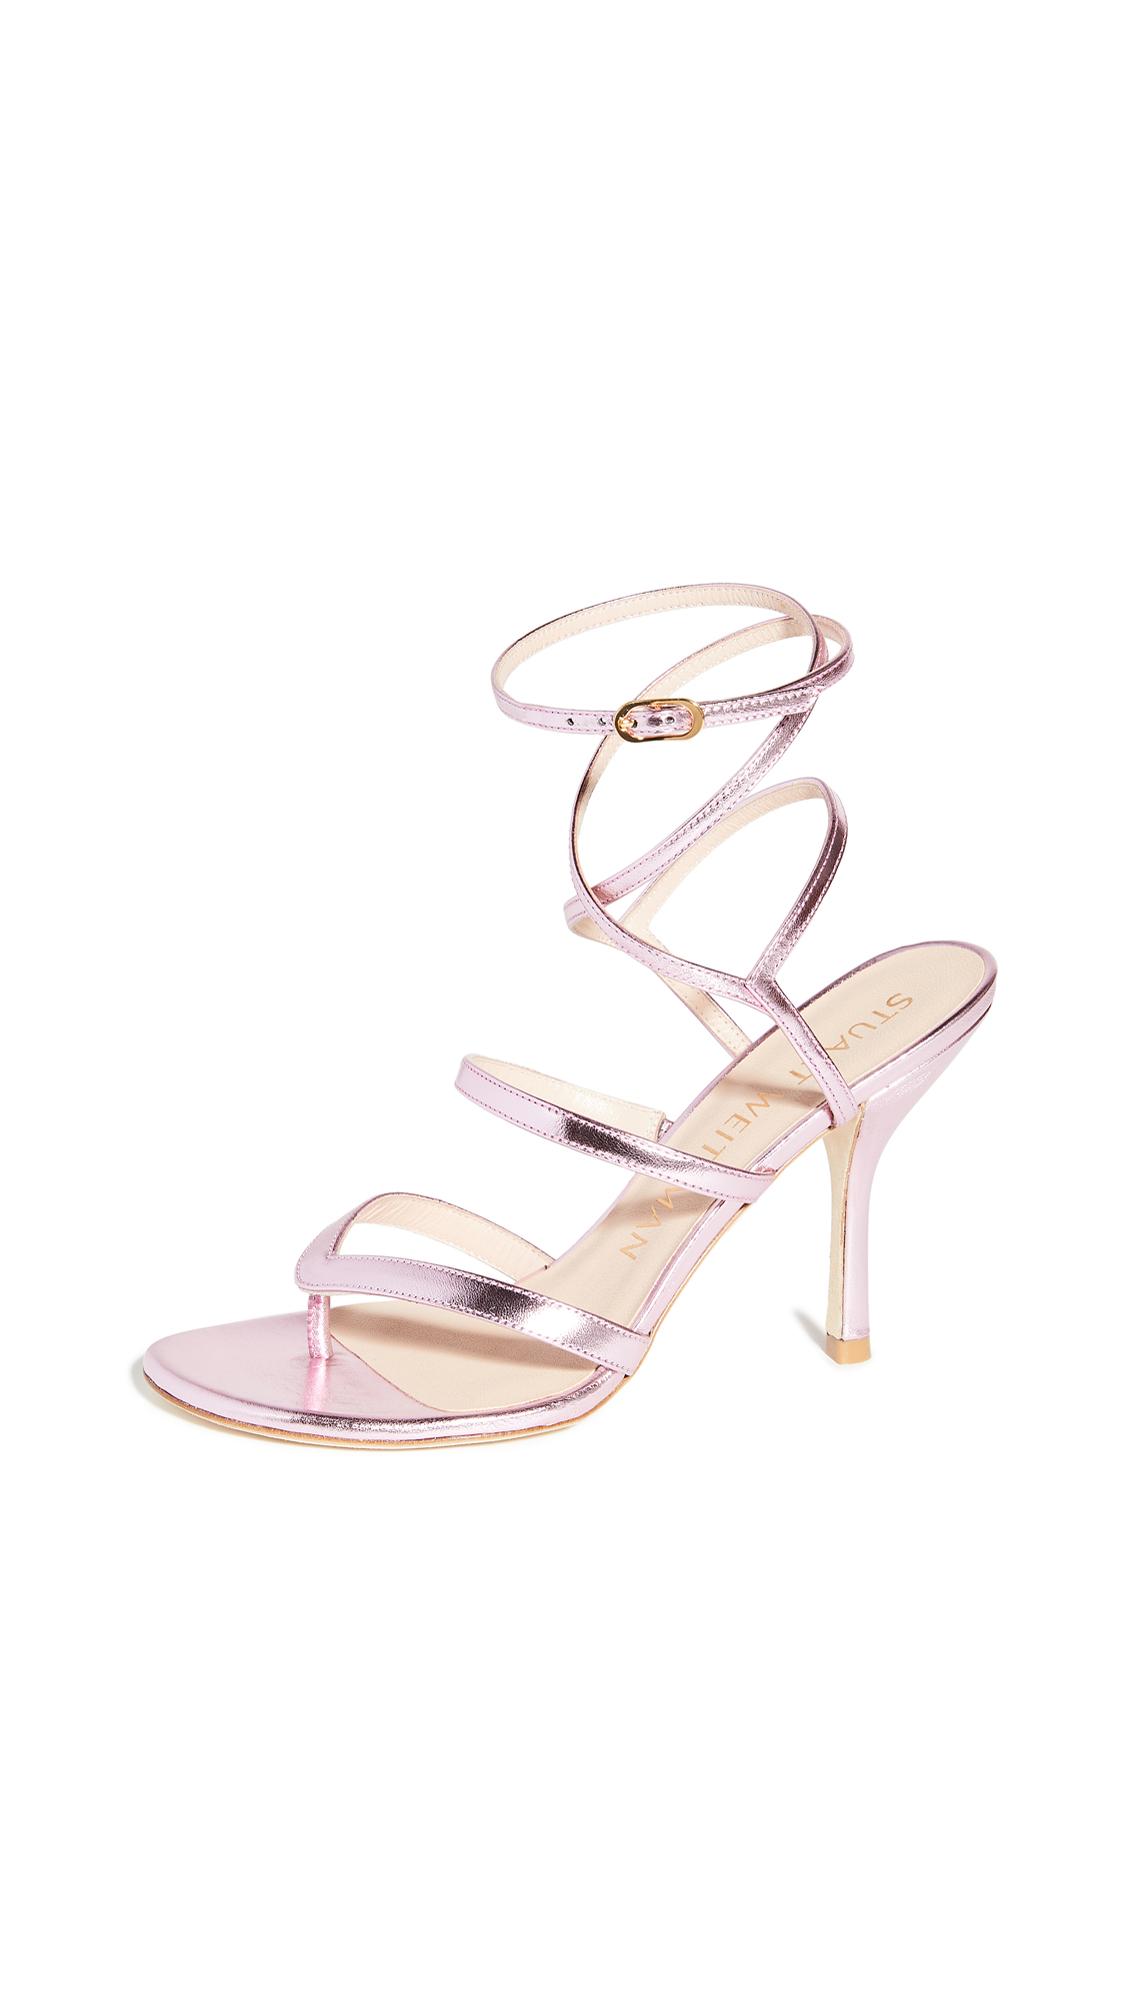 Buy Stuart Weitzman 95mm Julina Sandals online, shop Stuart Weitzman